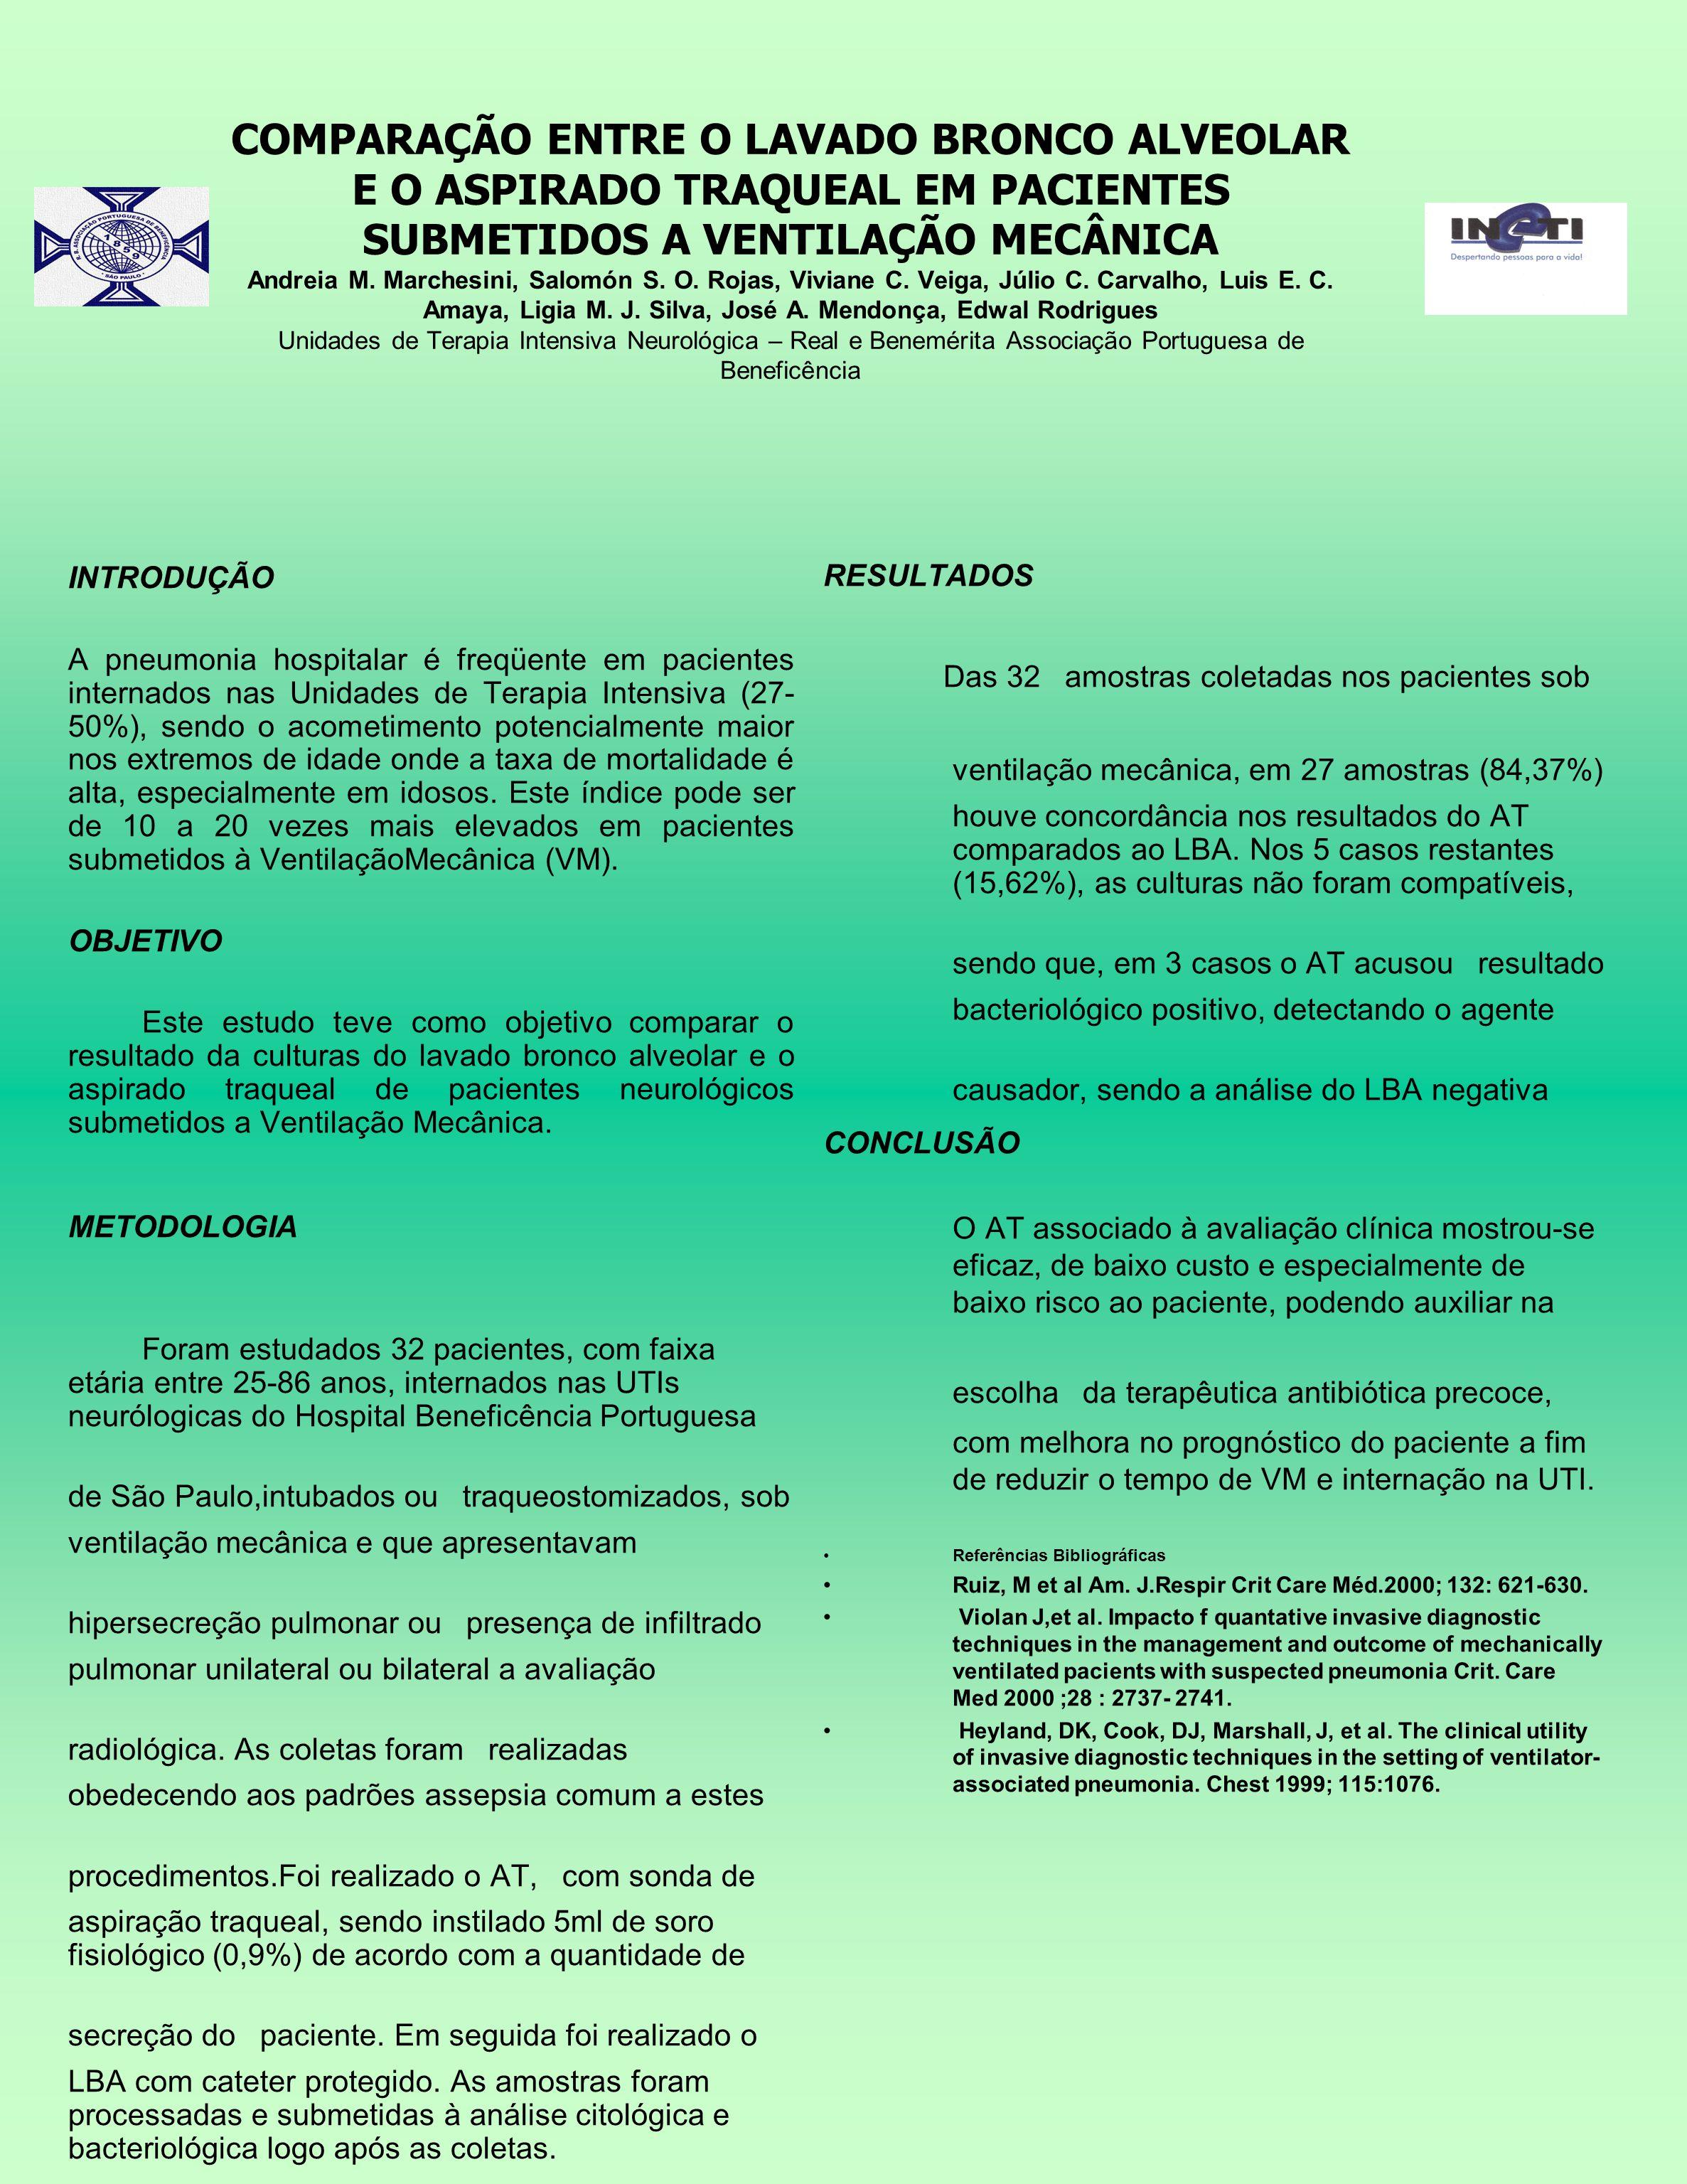 COMPARAÇÃO ENTRE O LAVADO BRONCO ALVEOLAR E O ASPIRADO TRAQUEAL EM PACIENTES SUBMETIDOS A VENTILAÇÃO MECÂNICA Andreia M. Marchesini, Salomón S. O. Roj